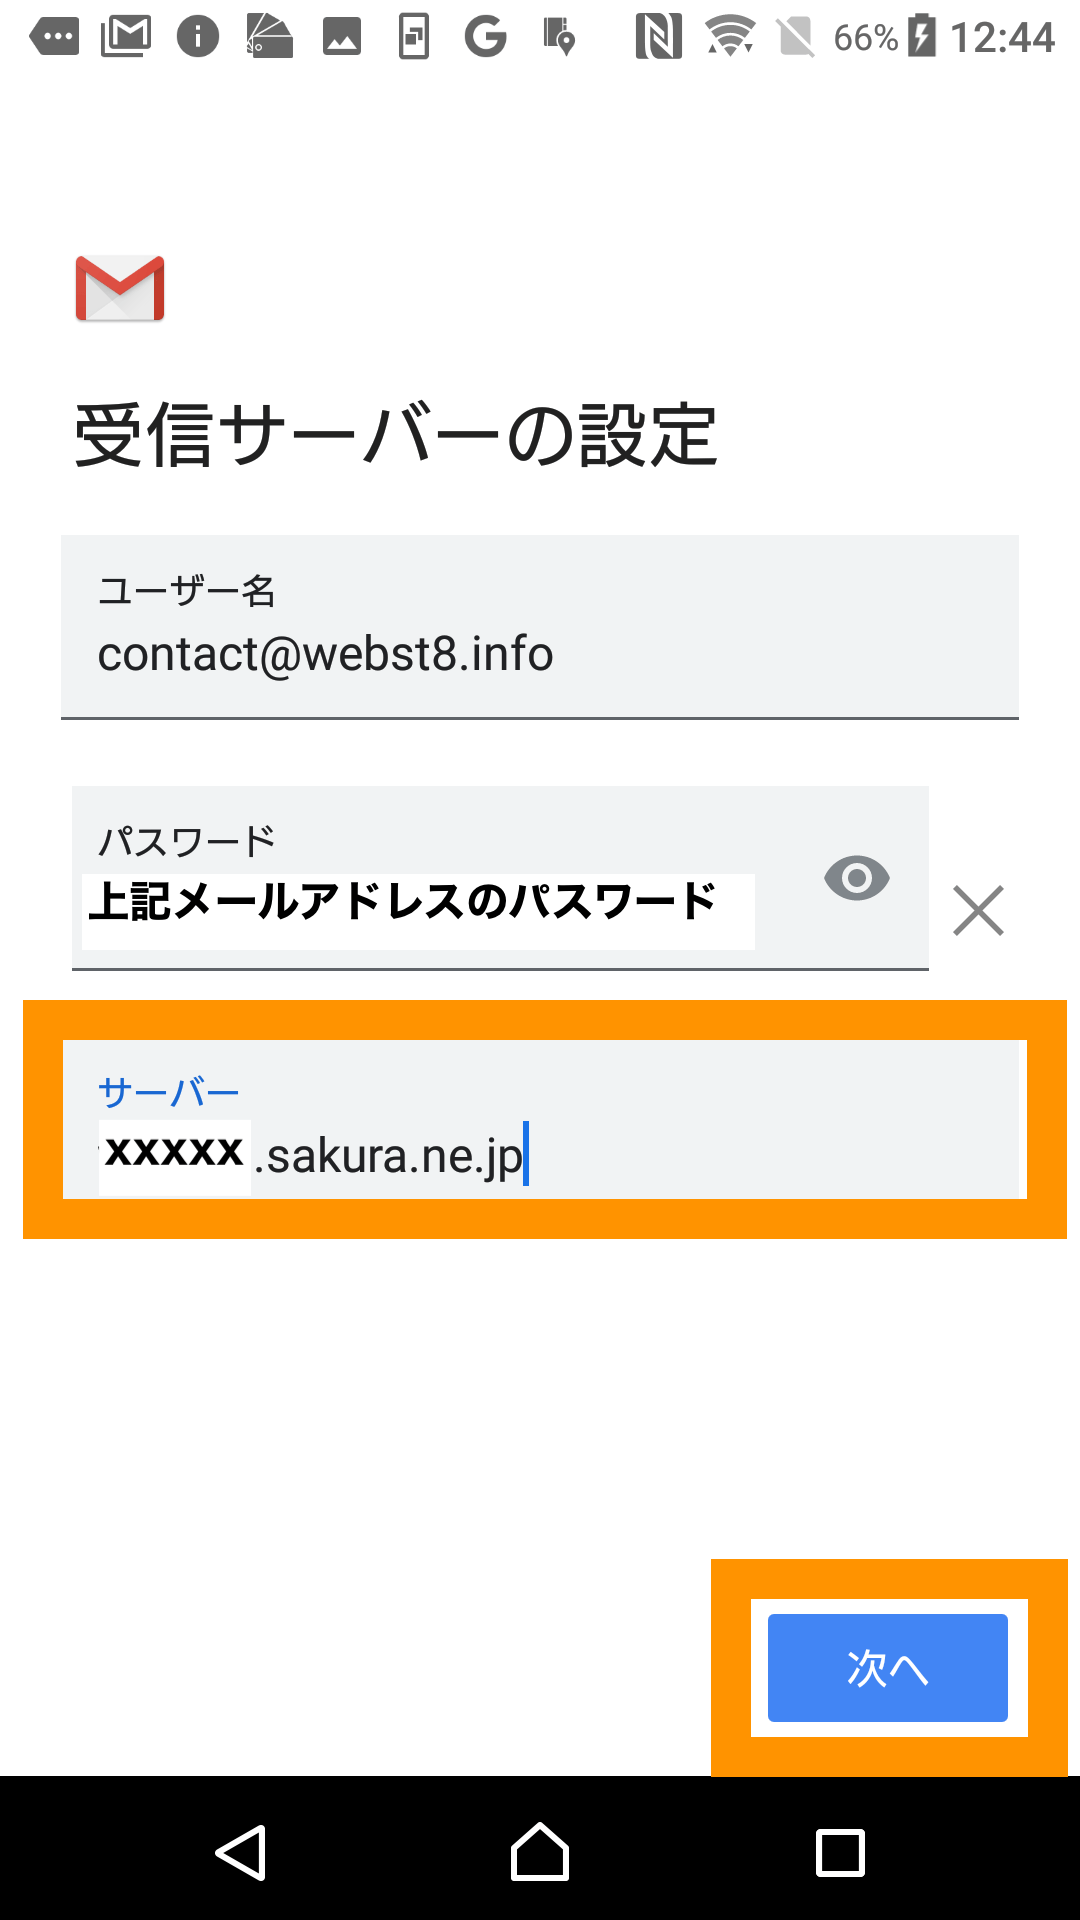 Android Gmail 受信サーバーアドレスを入力